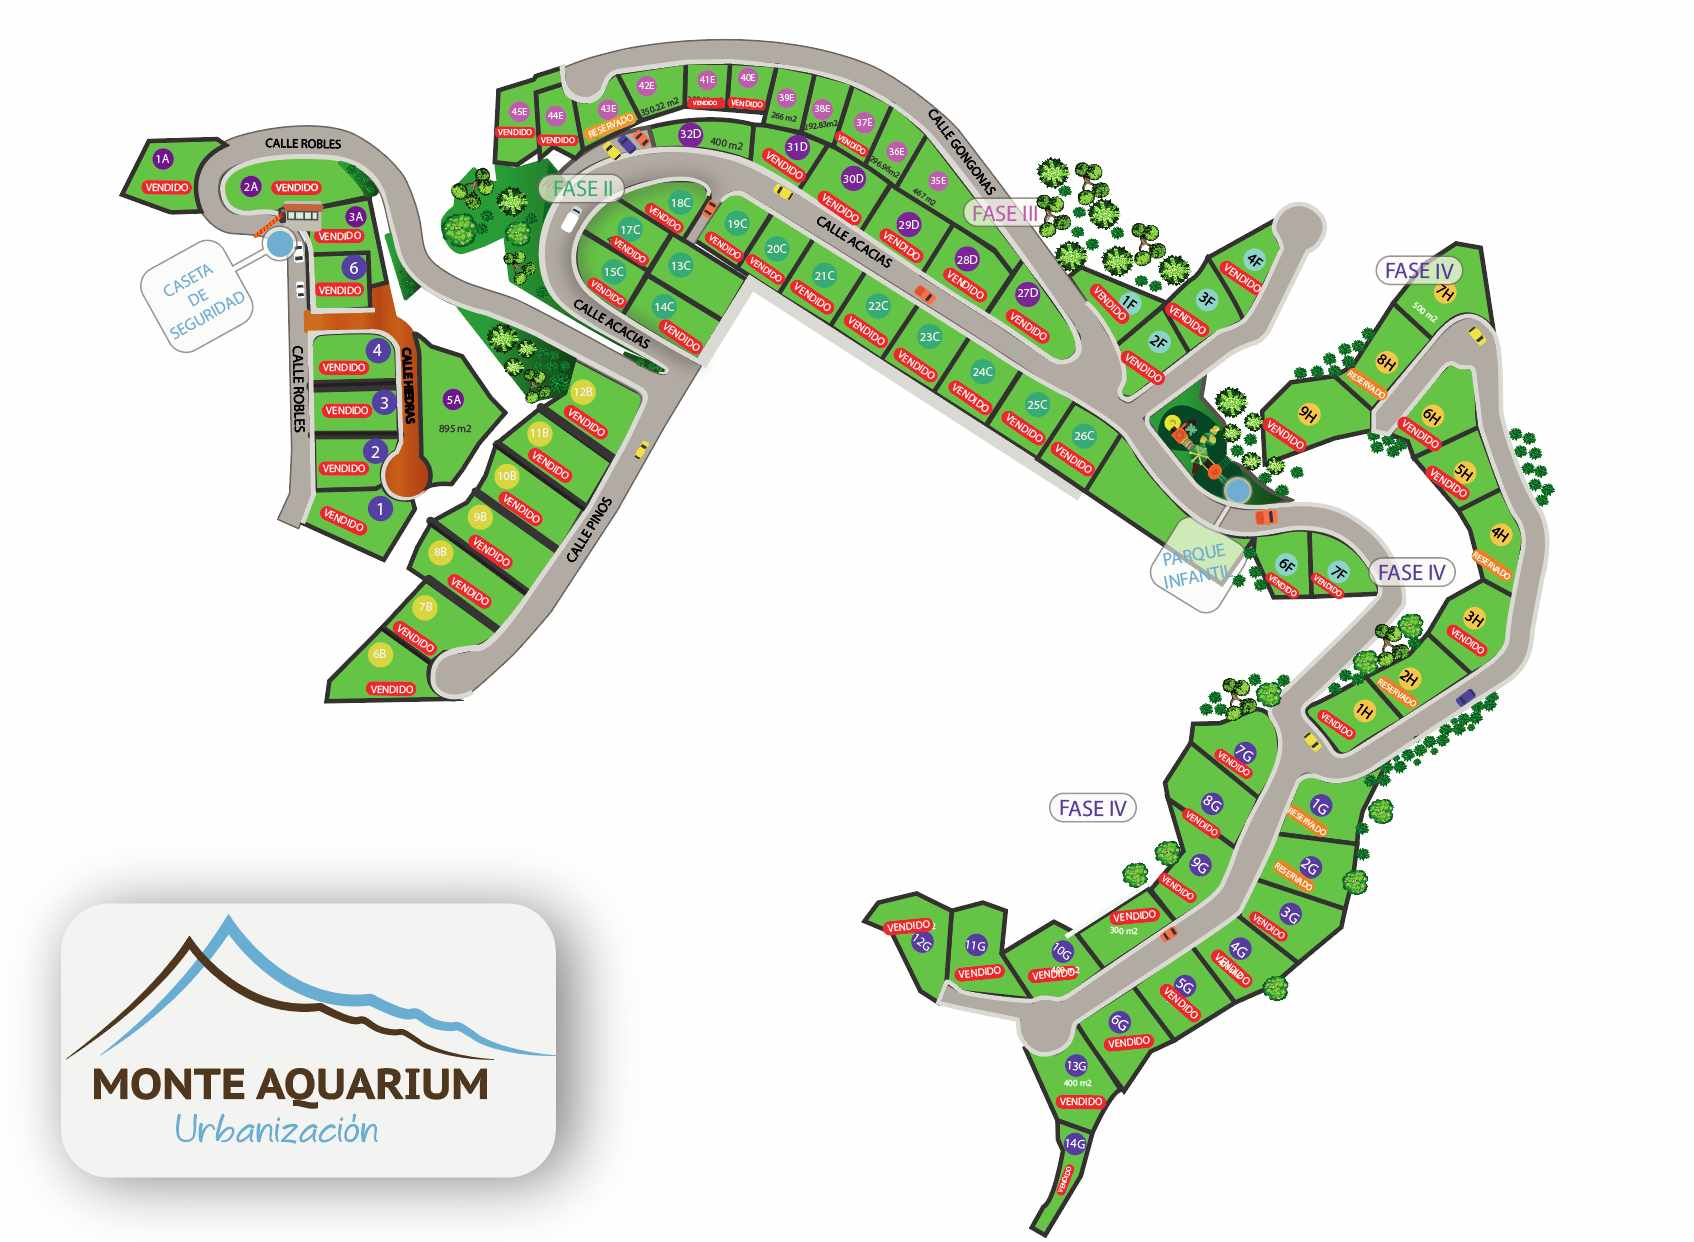 Monte Aquarium